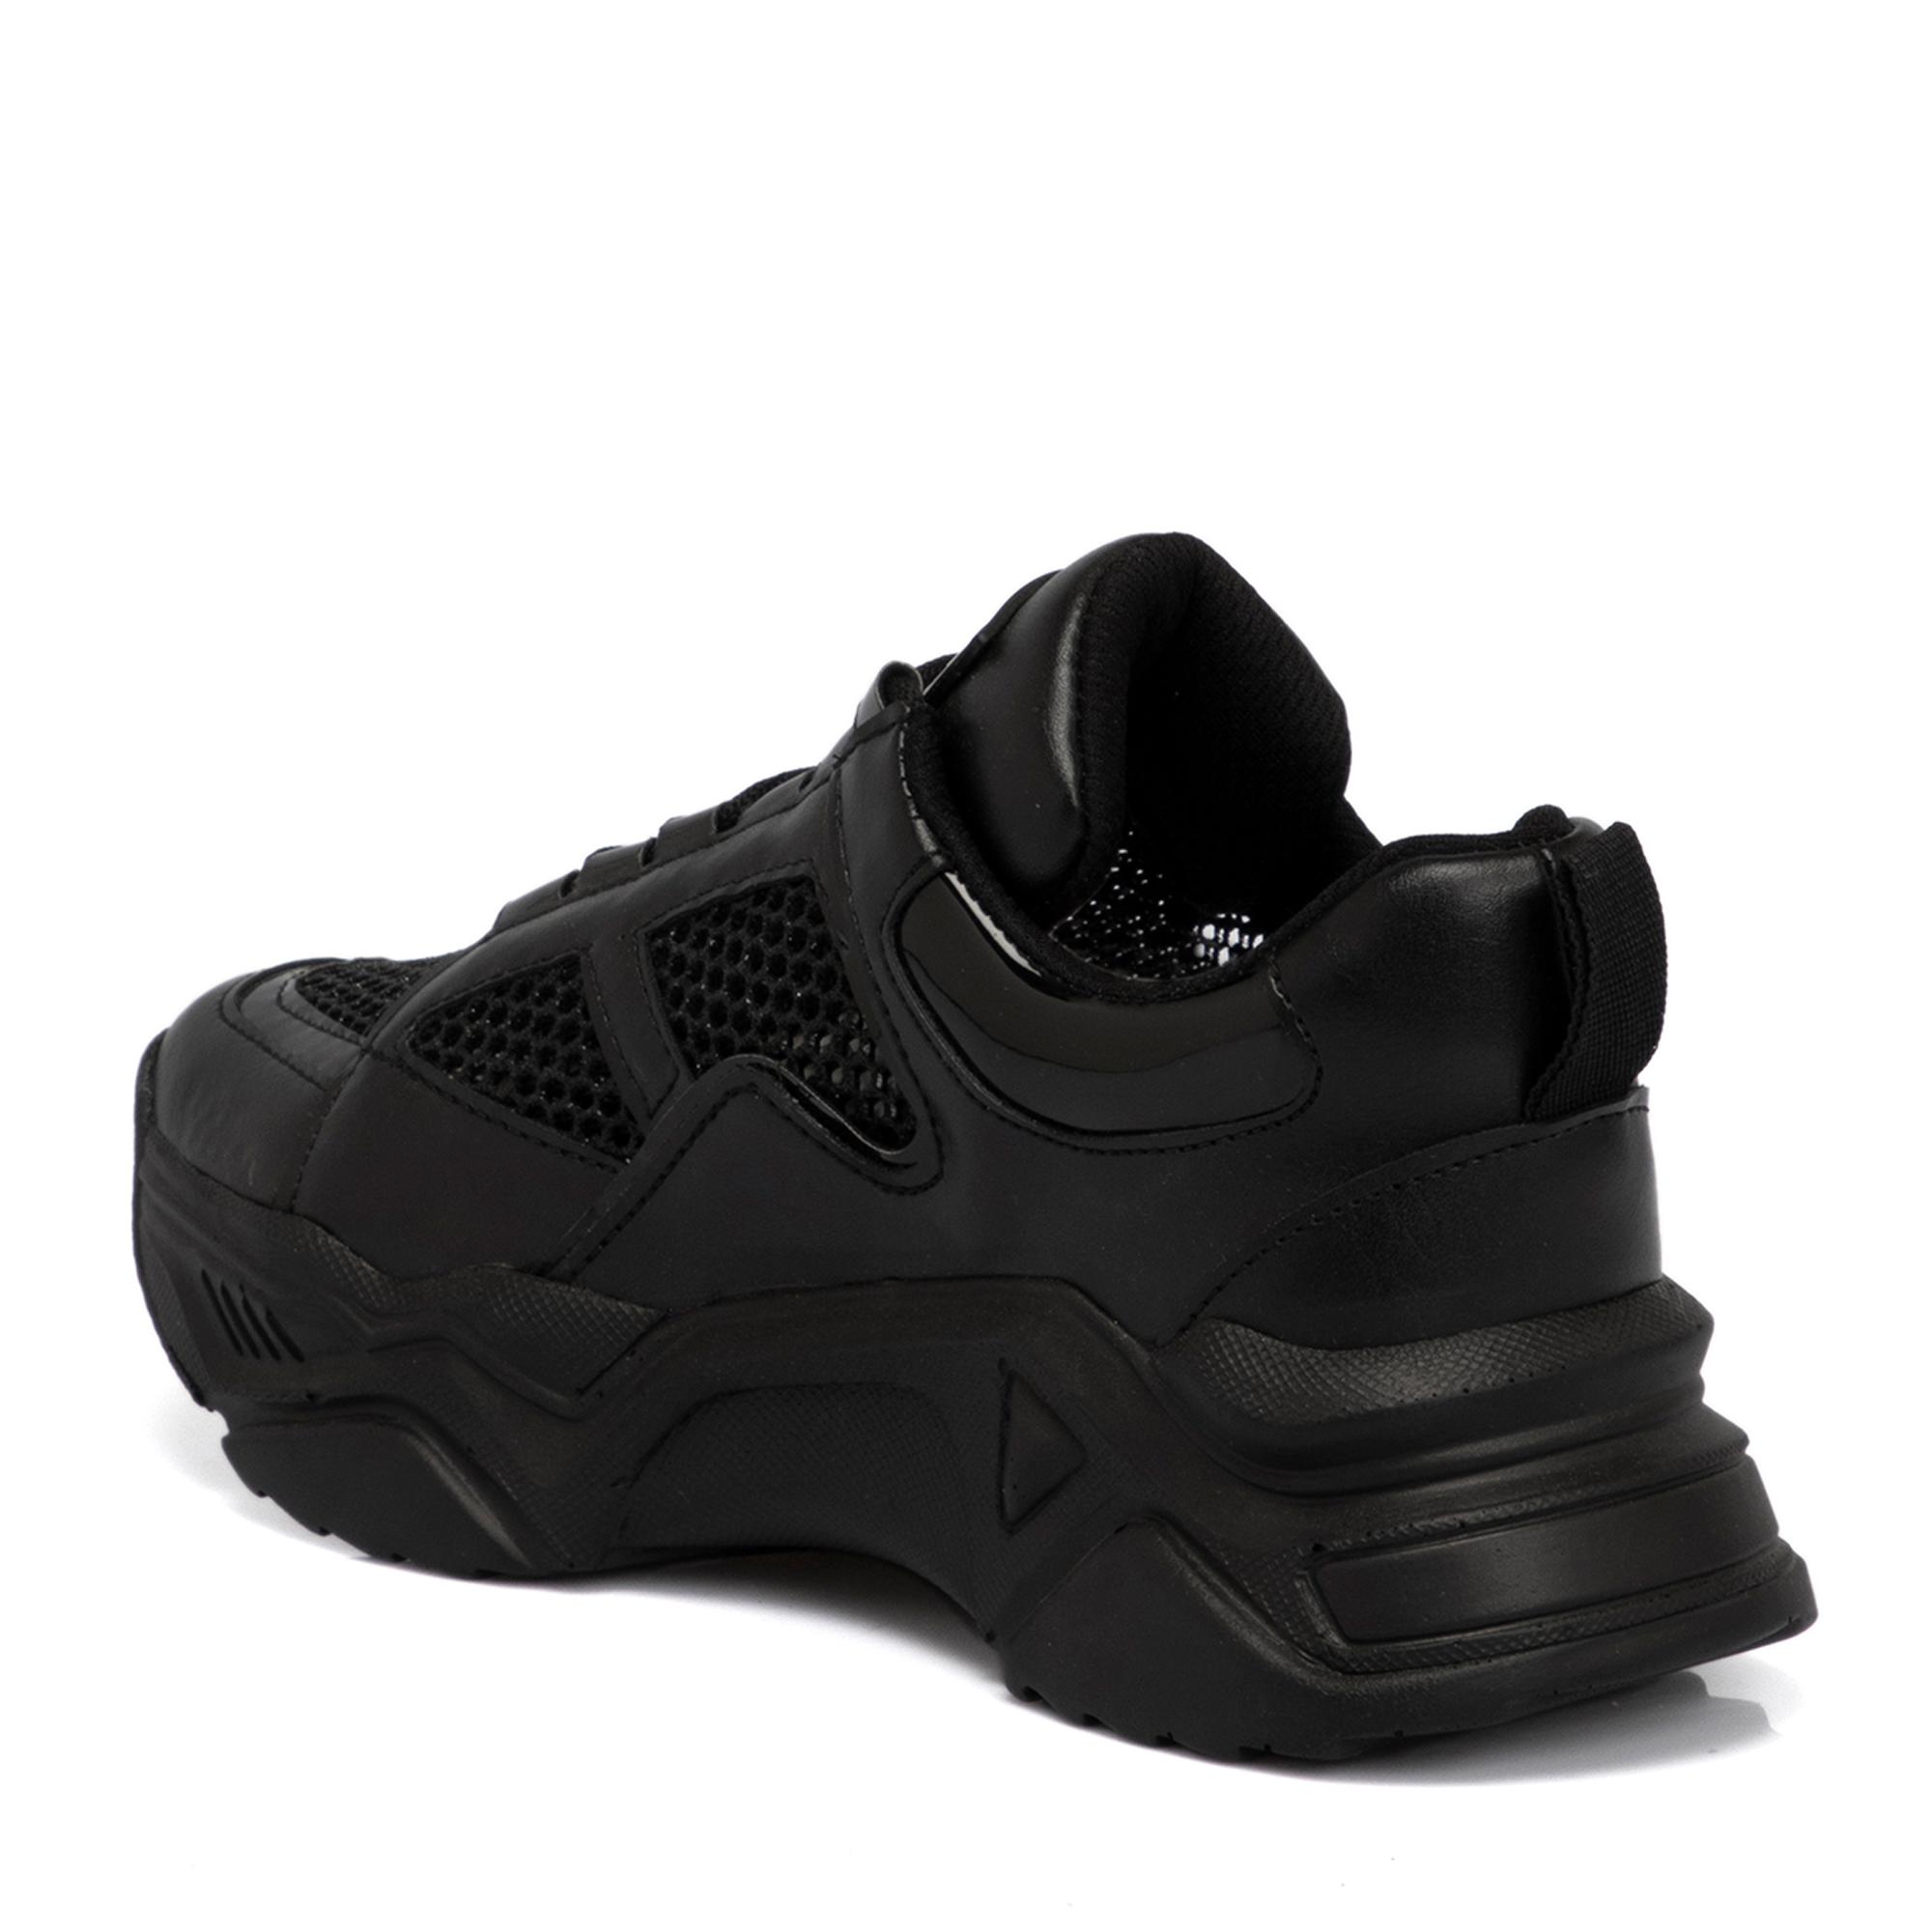 Siyah Vegan Kadın Ayakkabı 65079D62